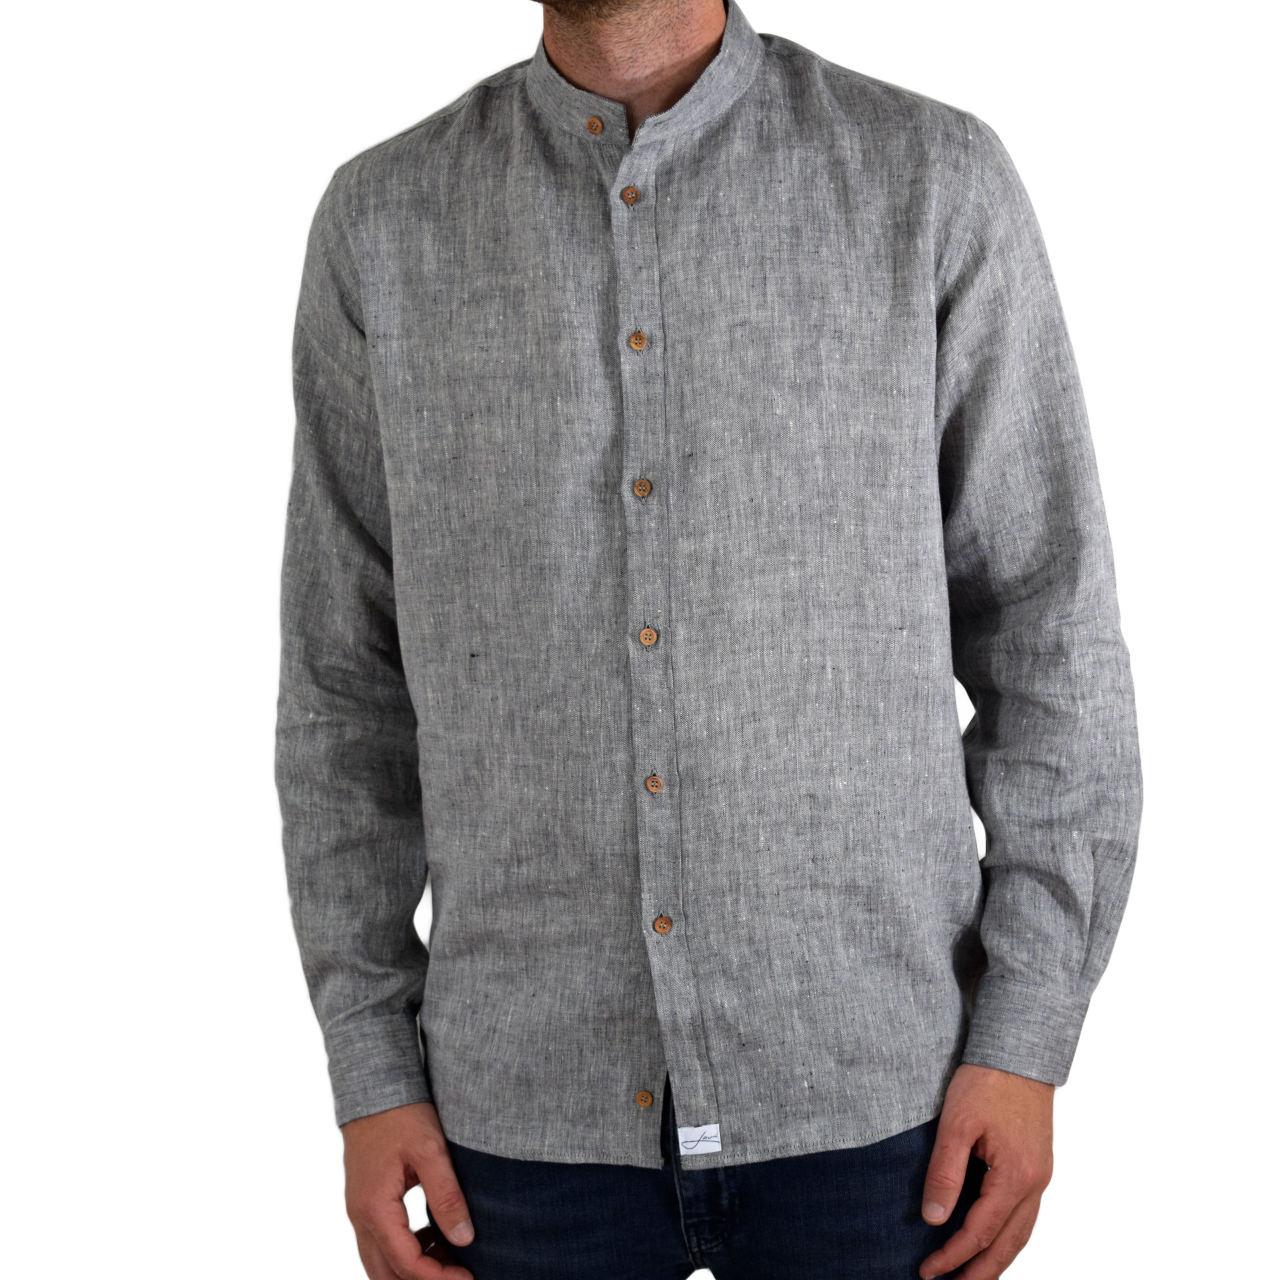 leinenhemd-herren-grau-oliven-holz-kn-pfe-stehkragenhemd-made-in-europe-lou-ikNnZph74i2c73